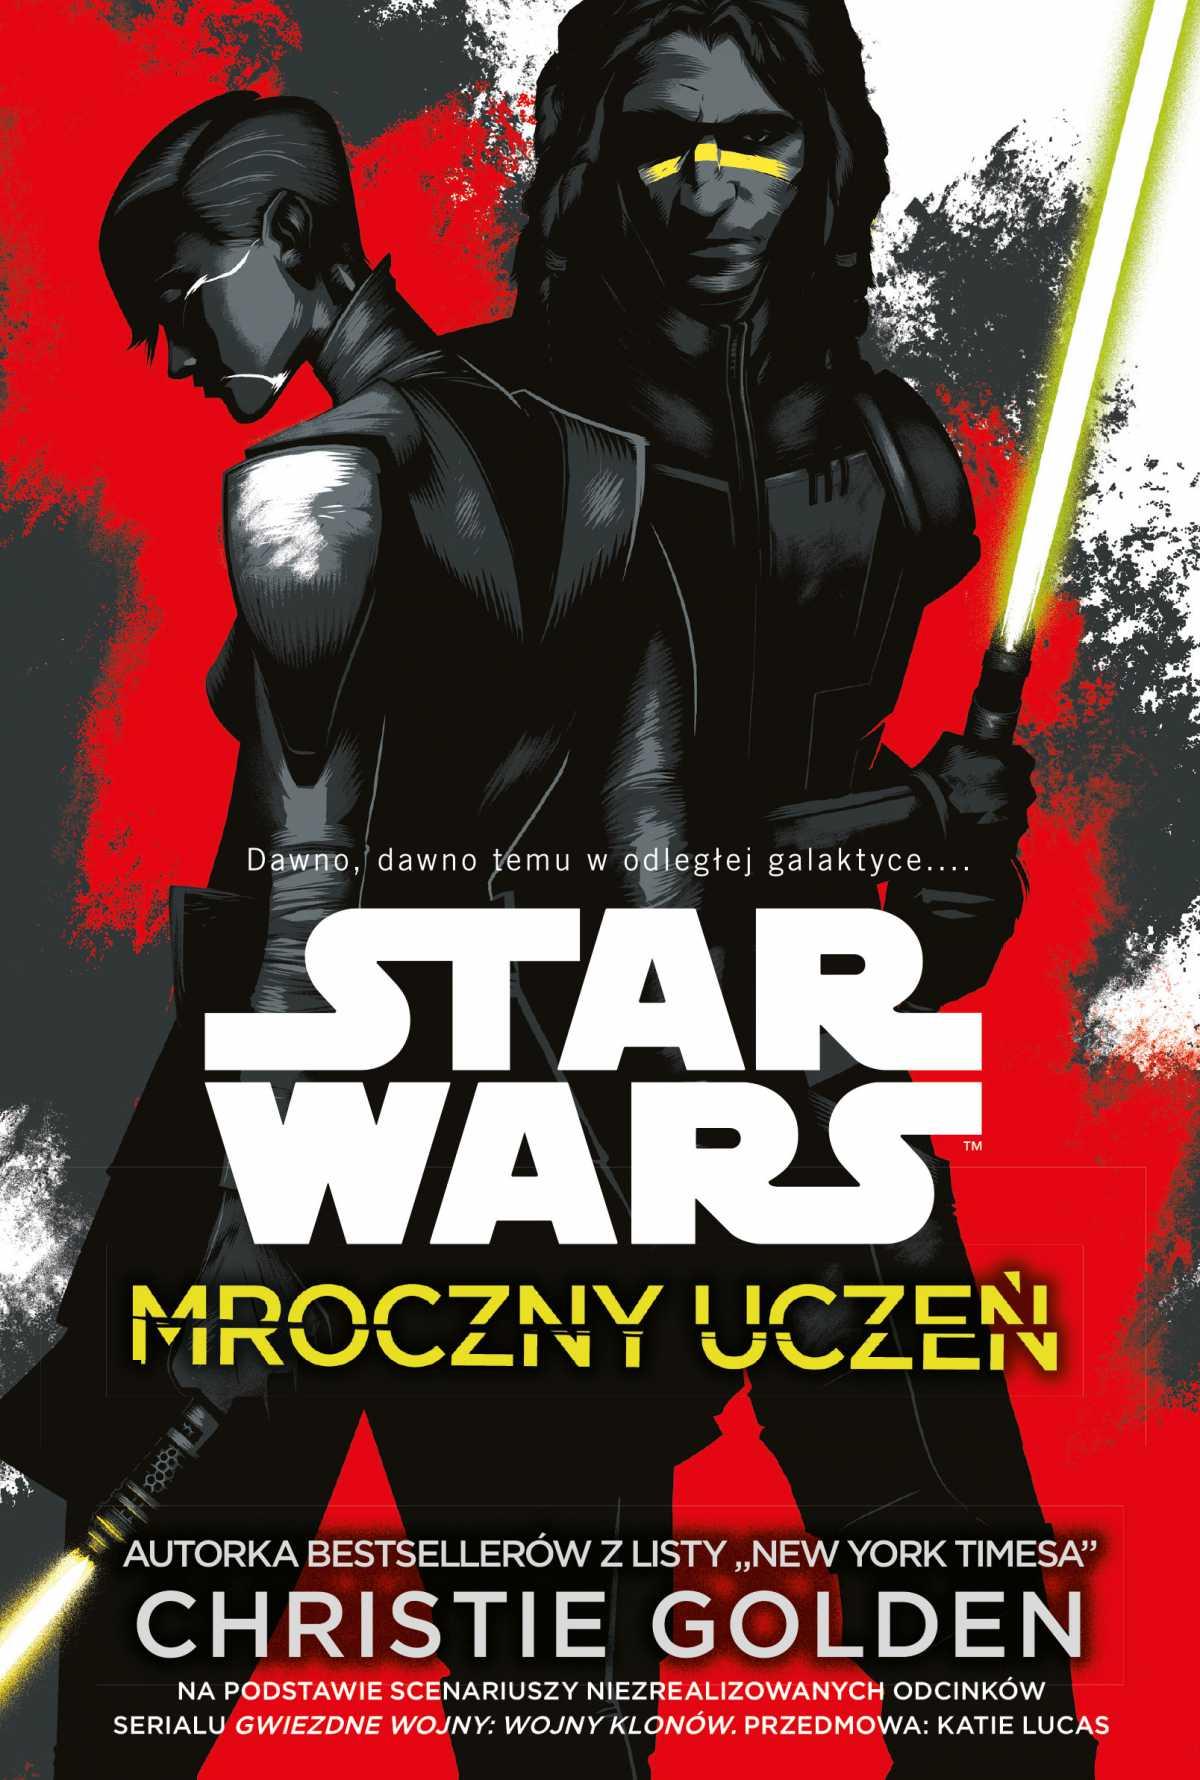 Star Wars. Mroczny uczeń - Ebook (Książka EPUB) do pobrania w formacie EPUB